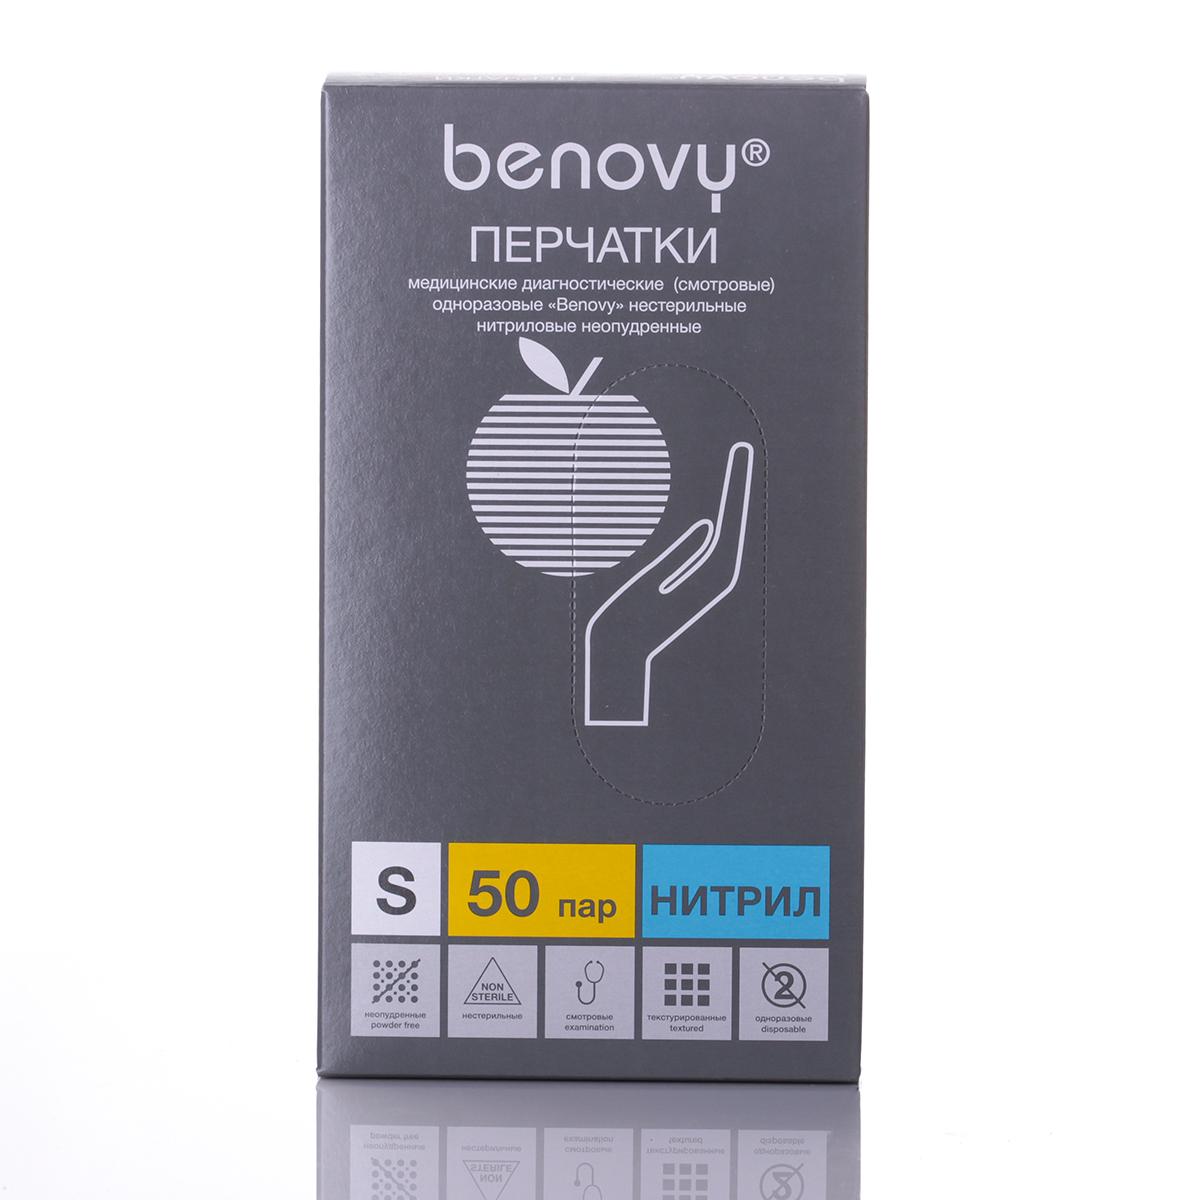 Купить Benovy, Перчатки нитриловые, голубые, размер S, 100 шт.